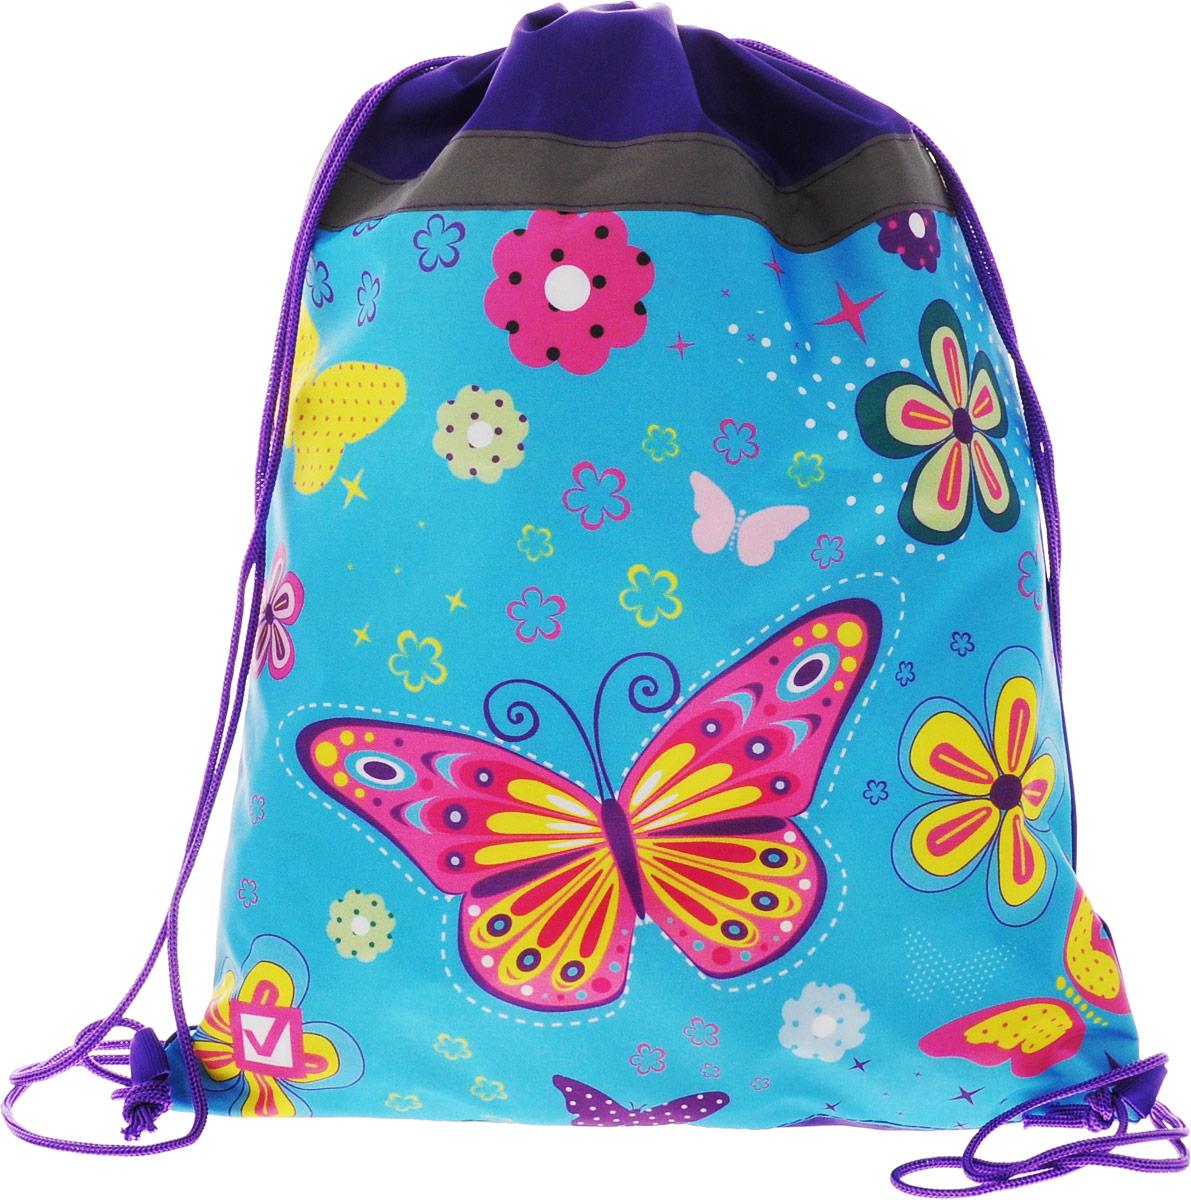 Brauberg Сумка для сменной обуви Бабочка цвет голубой фиолетовый